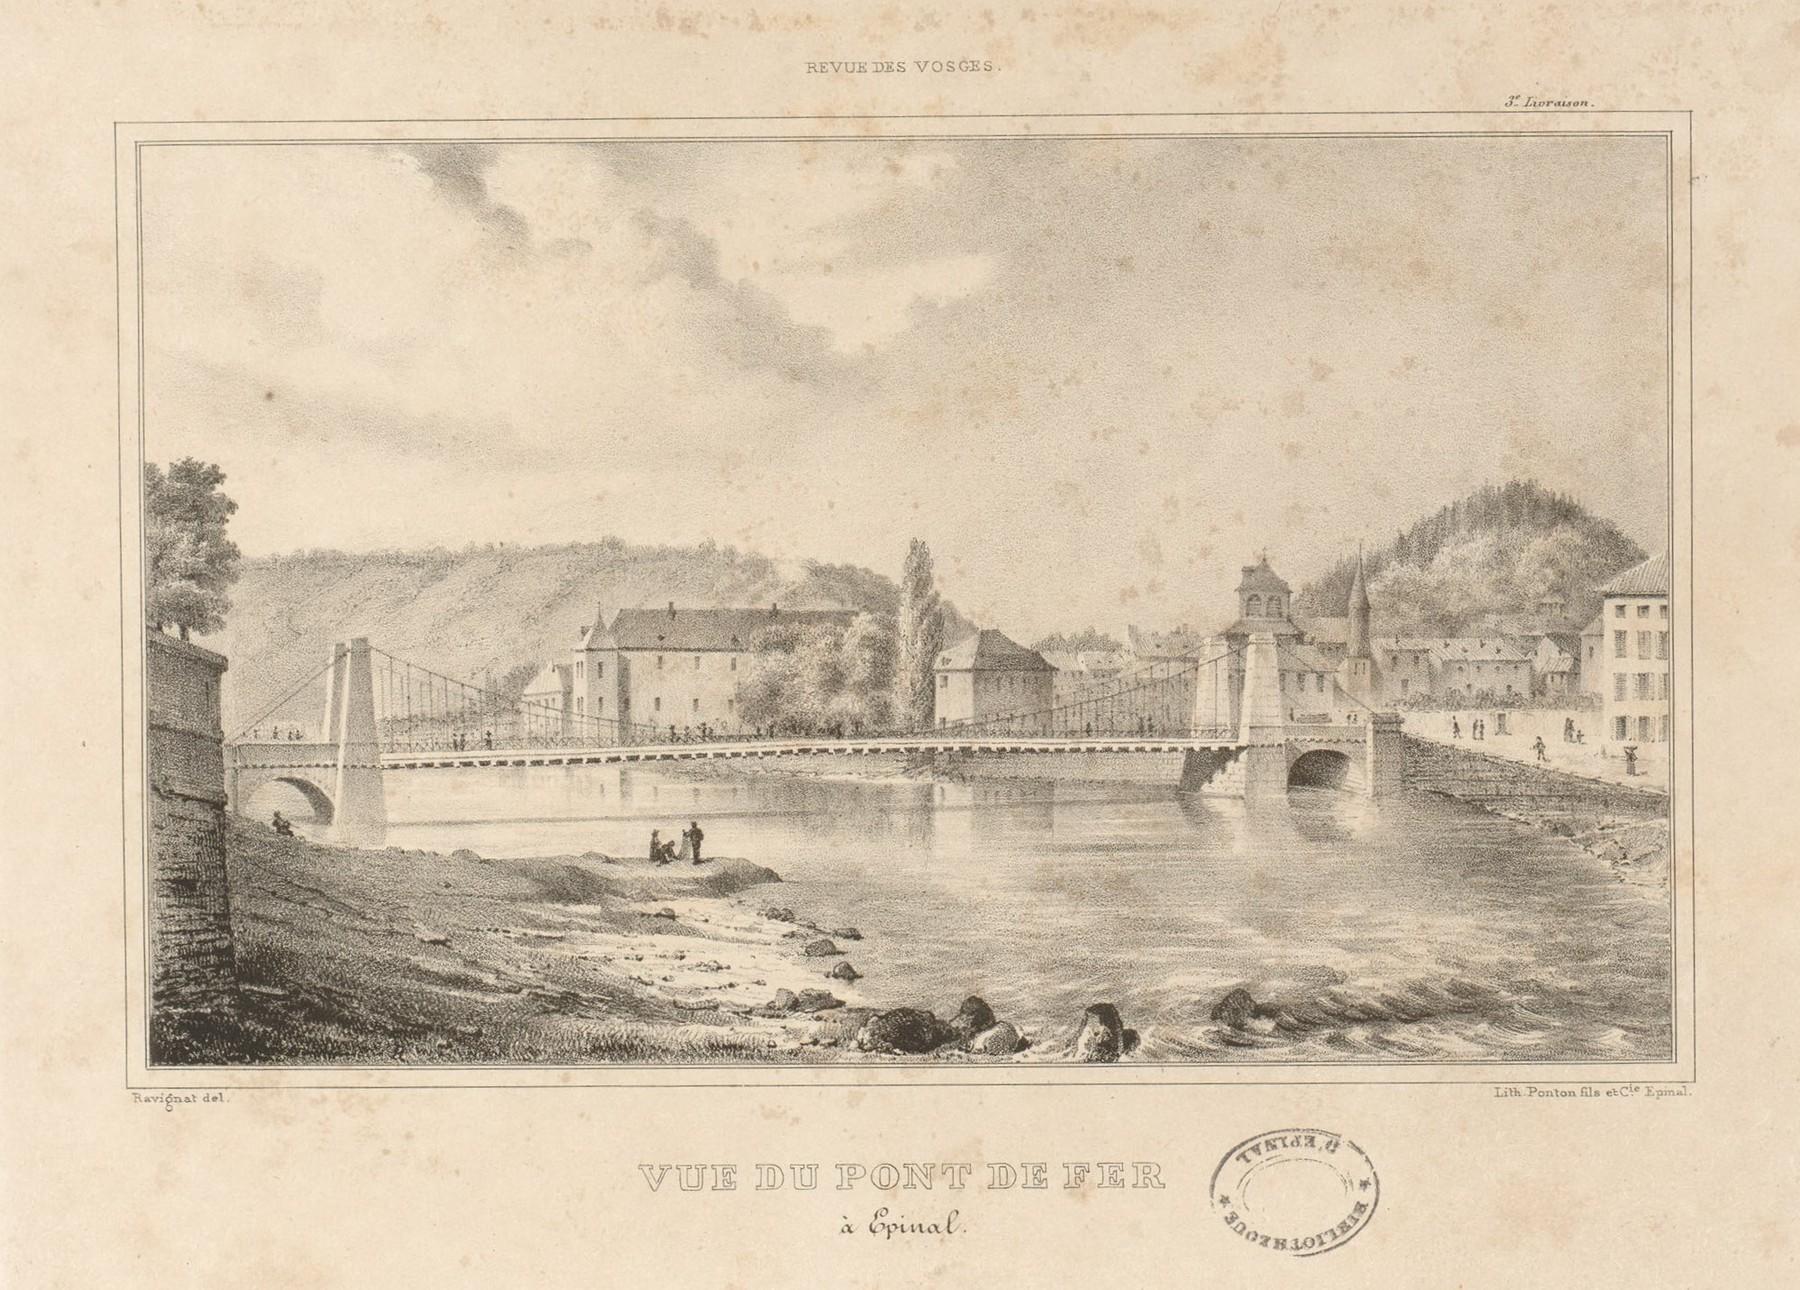 Contenu du Vue du pont de fer (à Épinal)